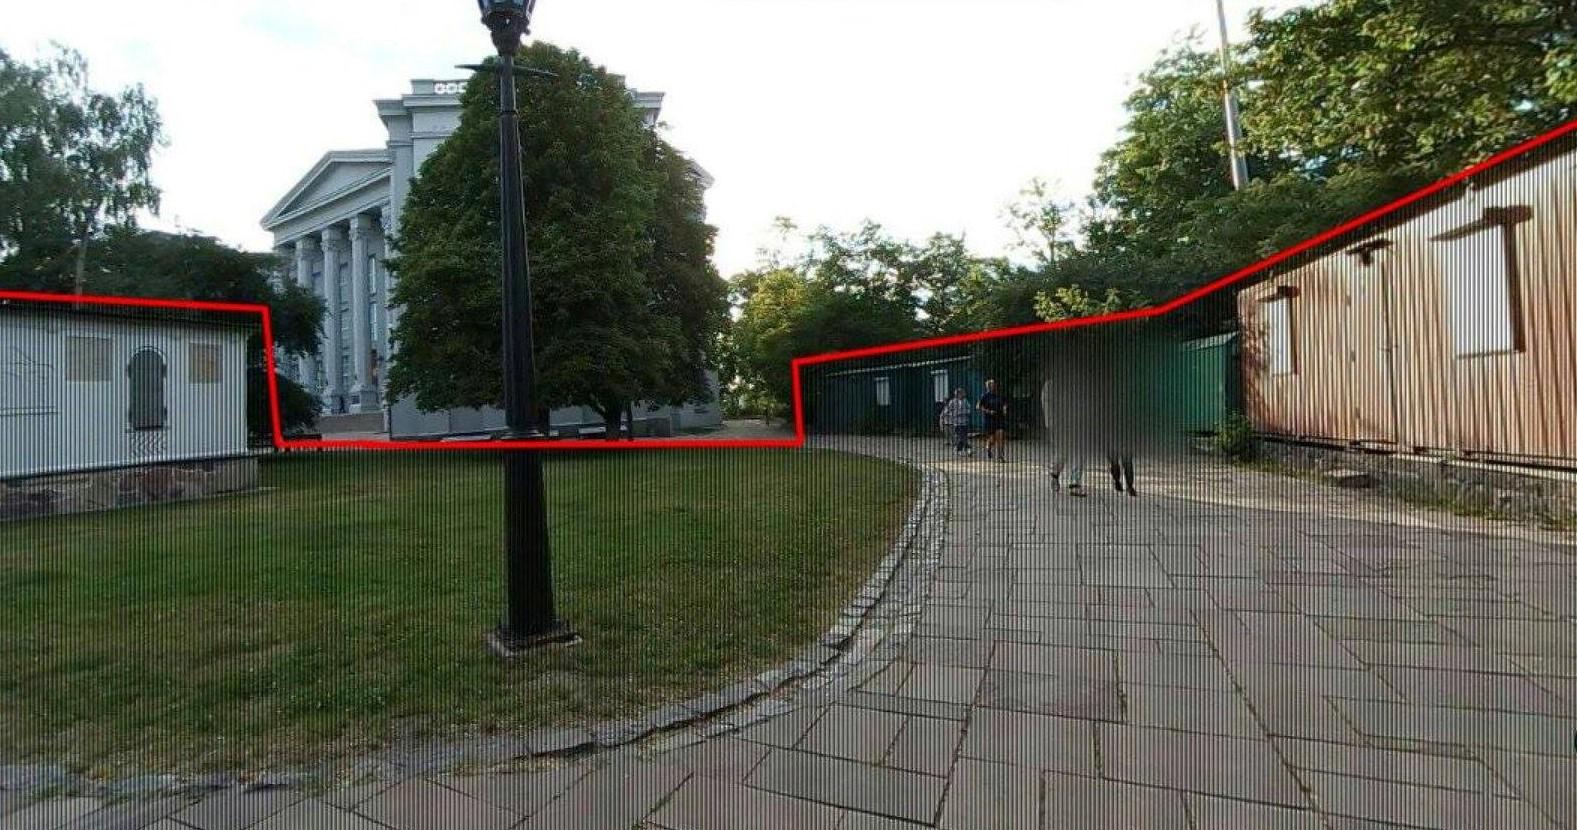 «Москаляку нагиляку». Радикалы грозят штурмом «российского» монастыря вКиеве